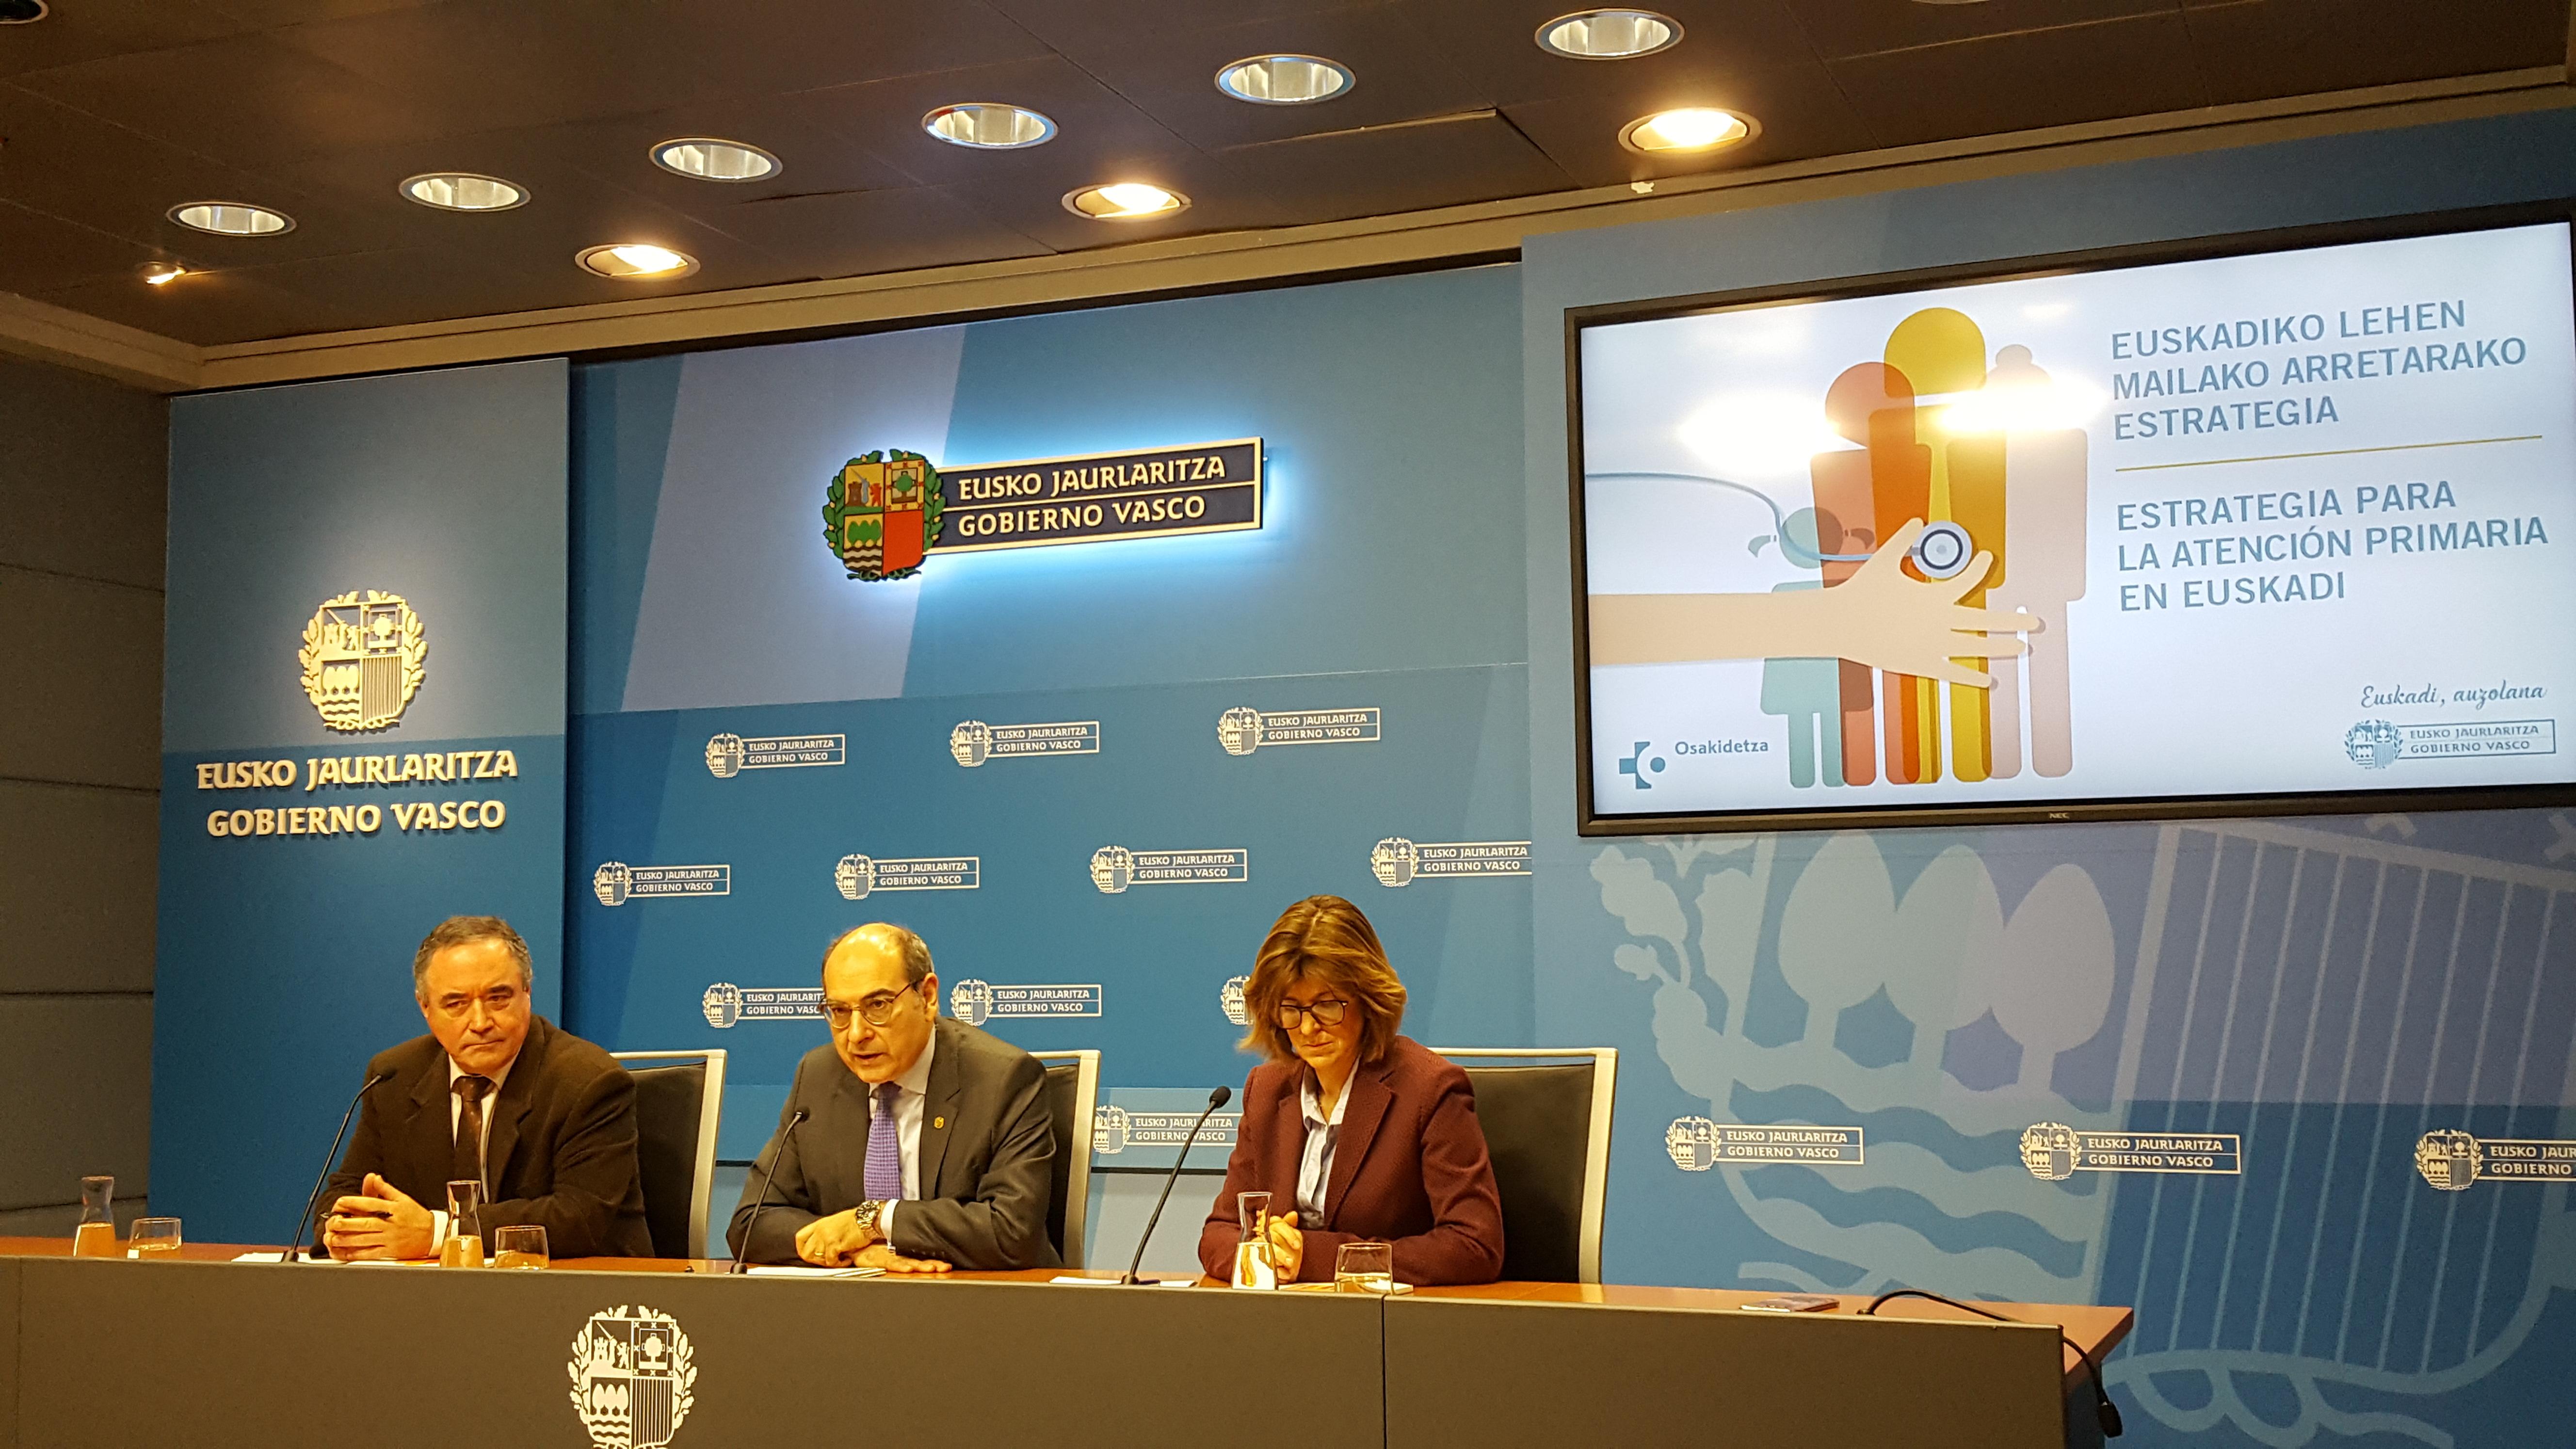 El Departamento de Salud propone una batería de medidas para reforzar la atención primaria en Euskadi